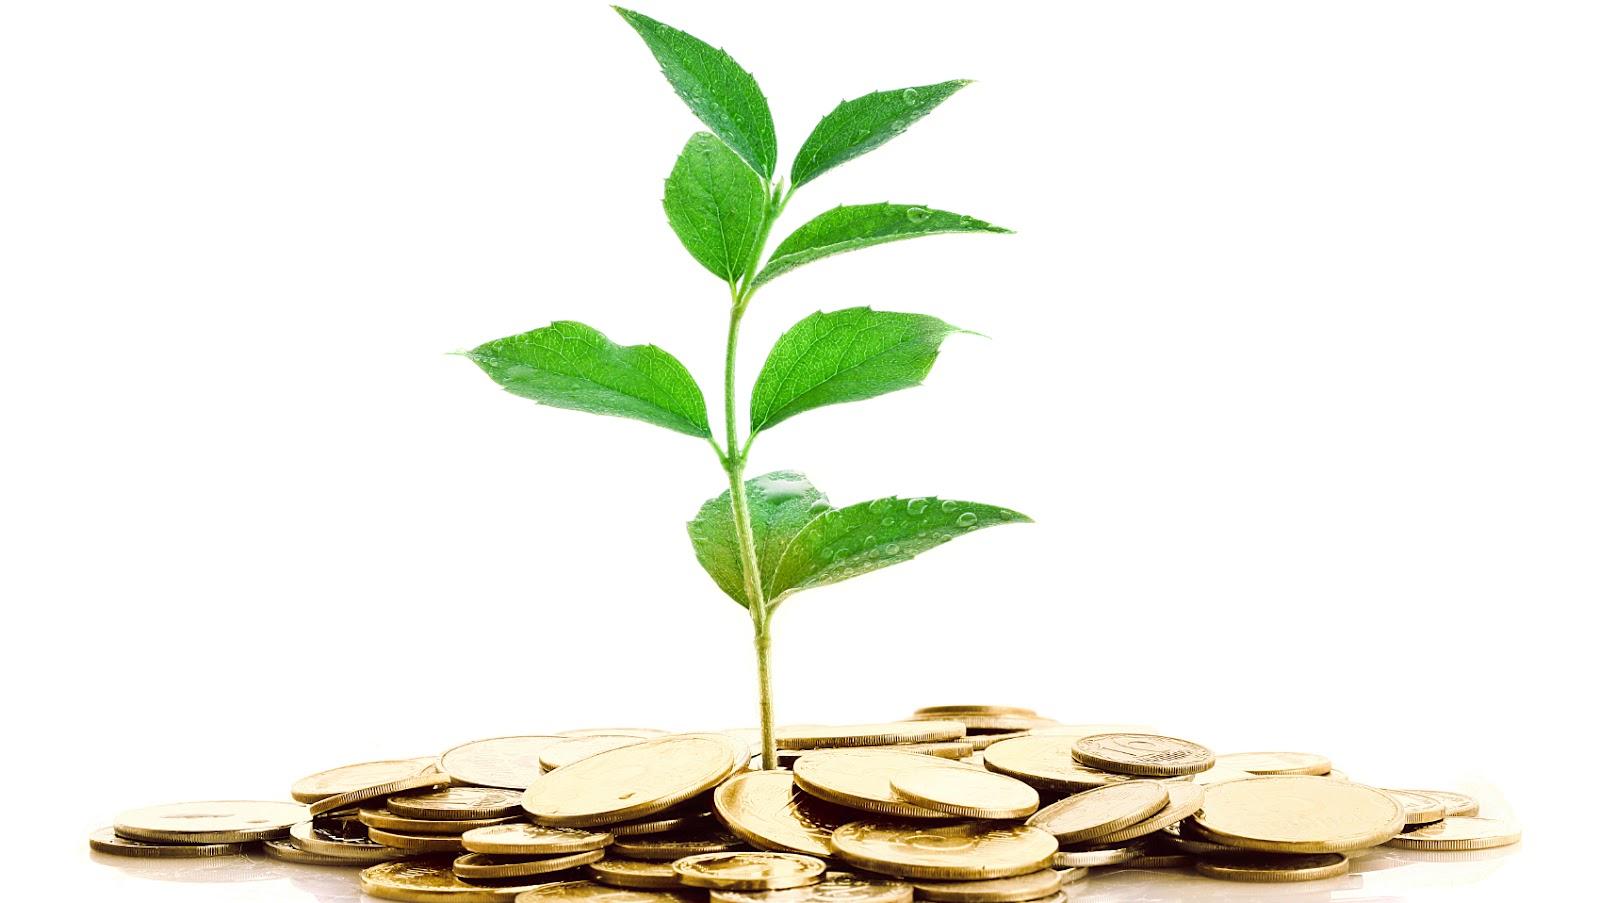 Poradnik: Jak szukać inwestora? Startup roś